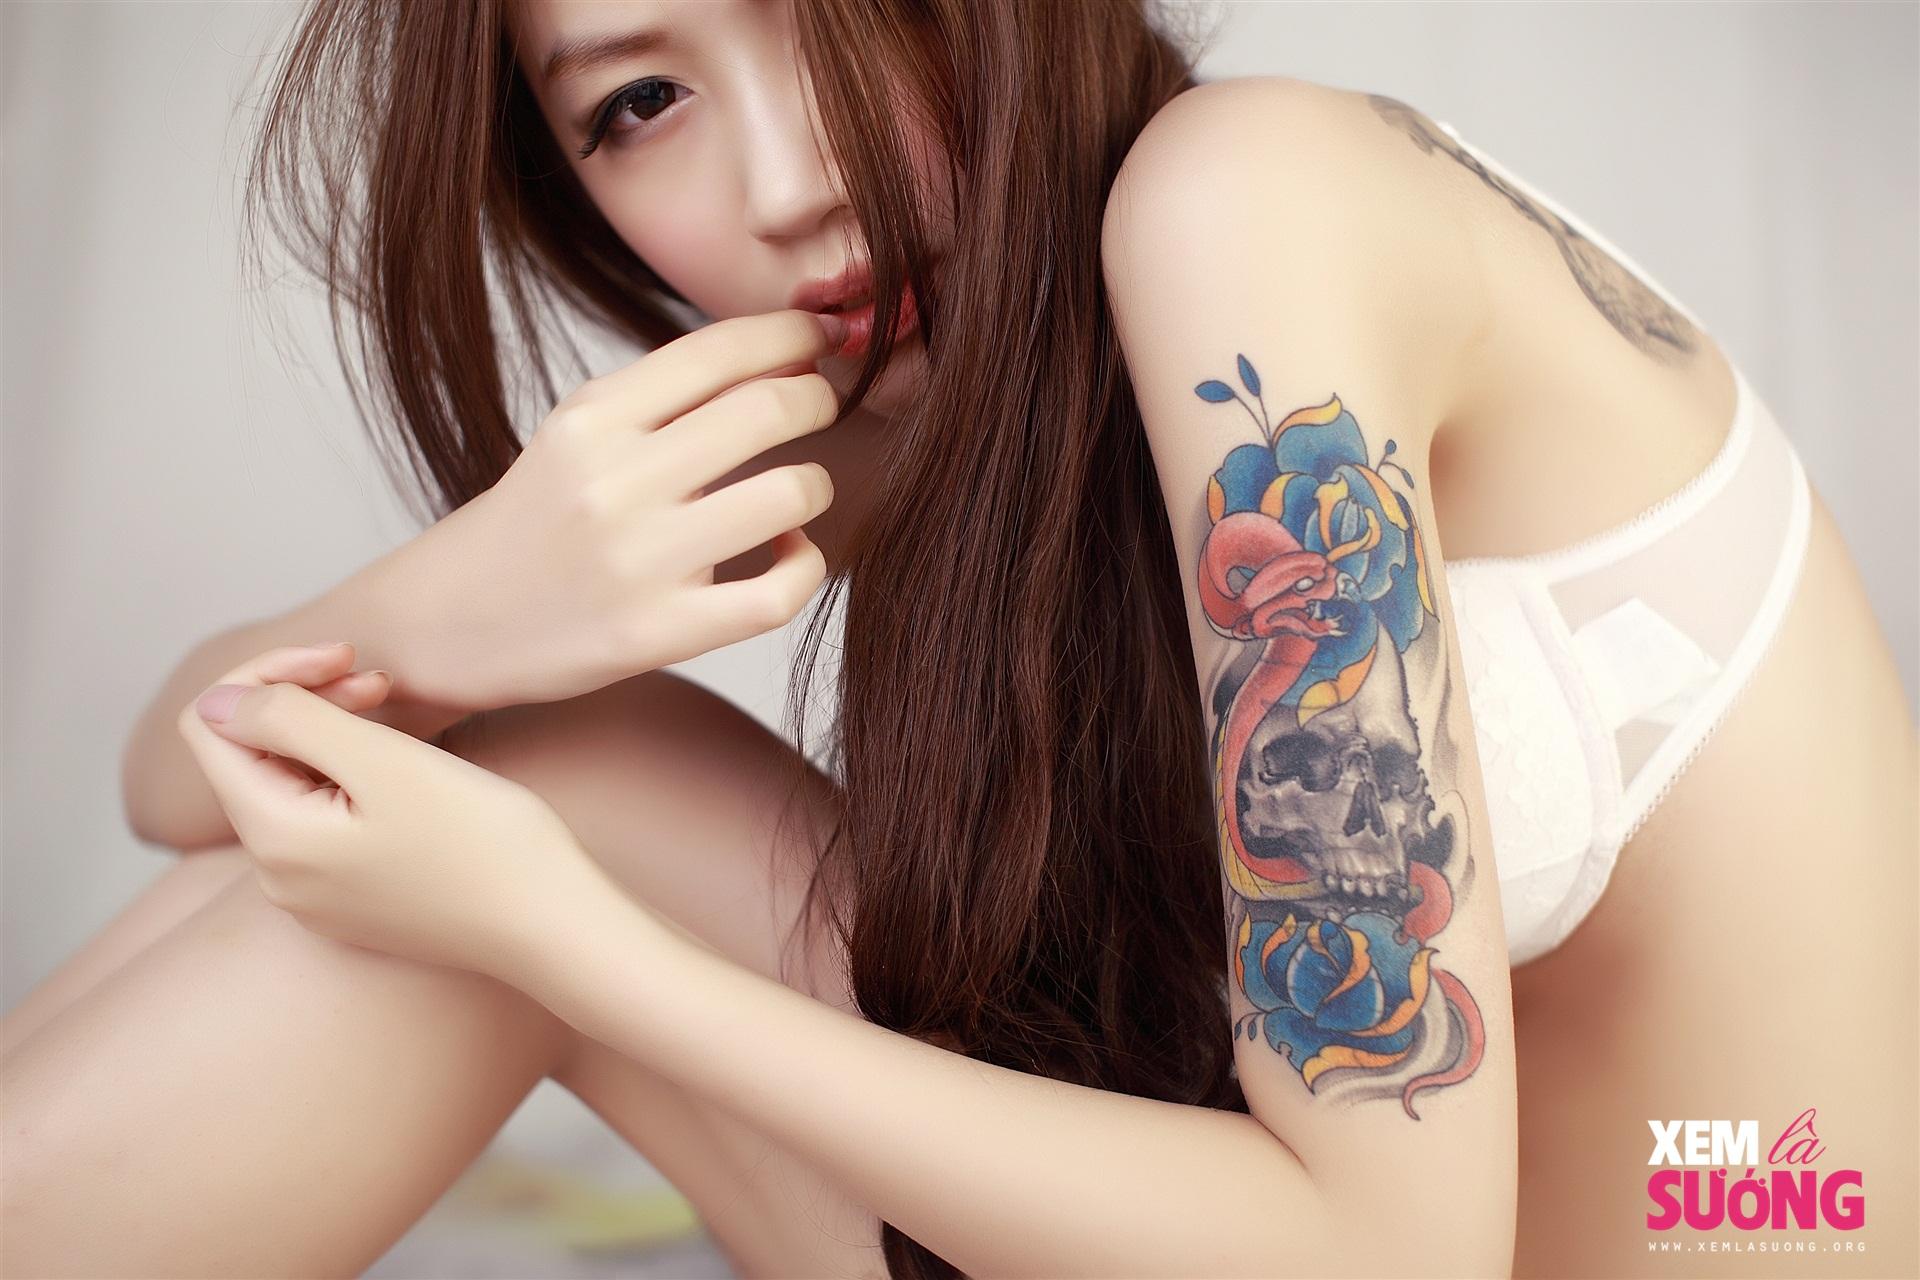 ╭☆<自拍>超辣的漂亮紋身台妹!_20P☆╮